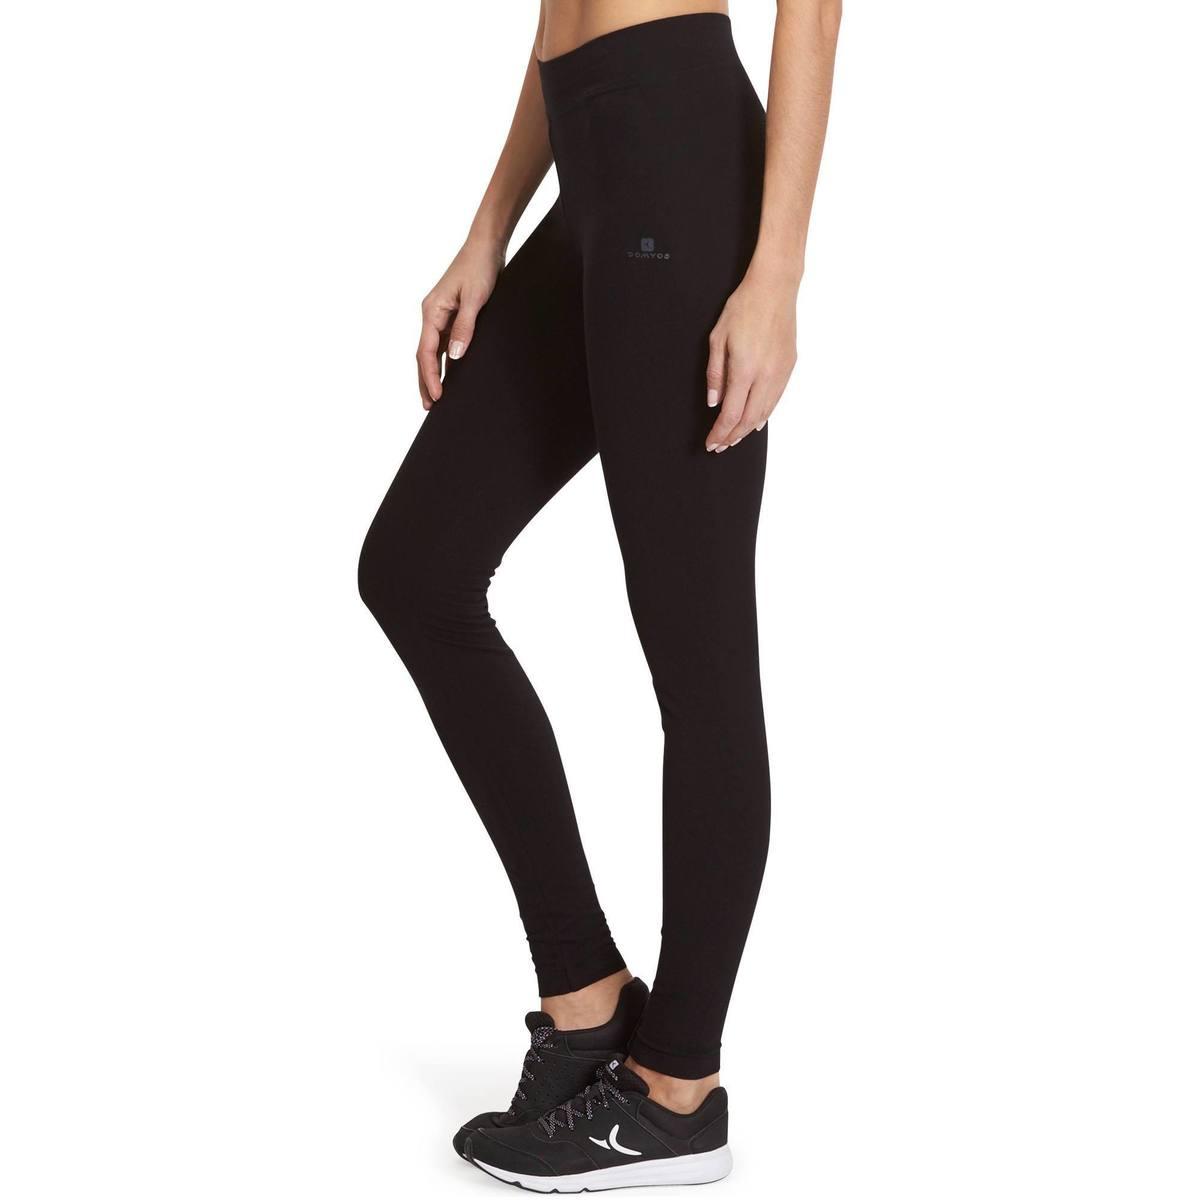 Bild 5 von Leggings Fit+500 Slim Gym & Pilates Damen schwarz